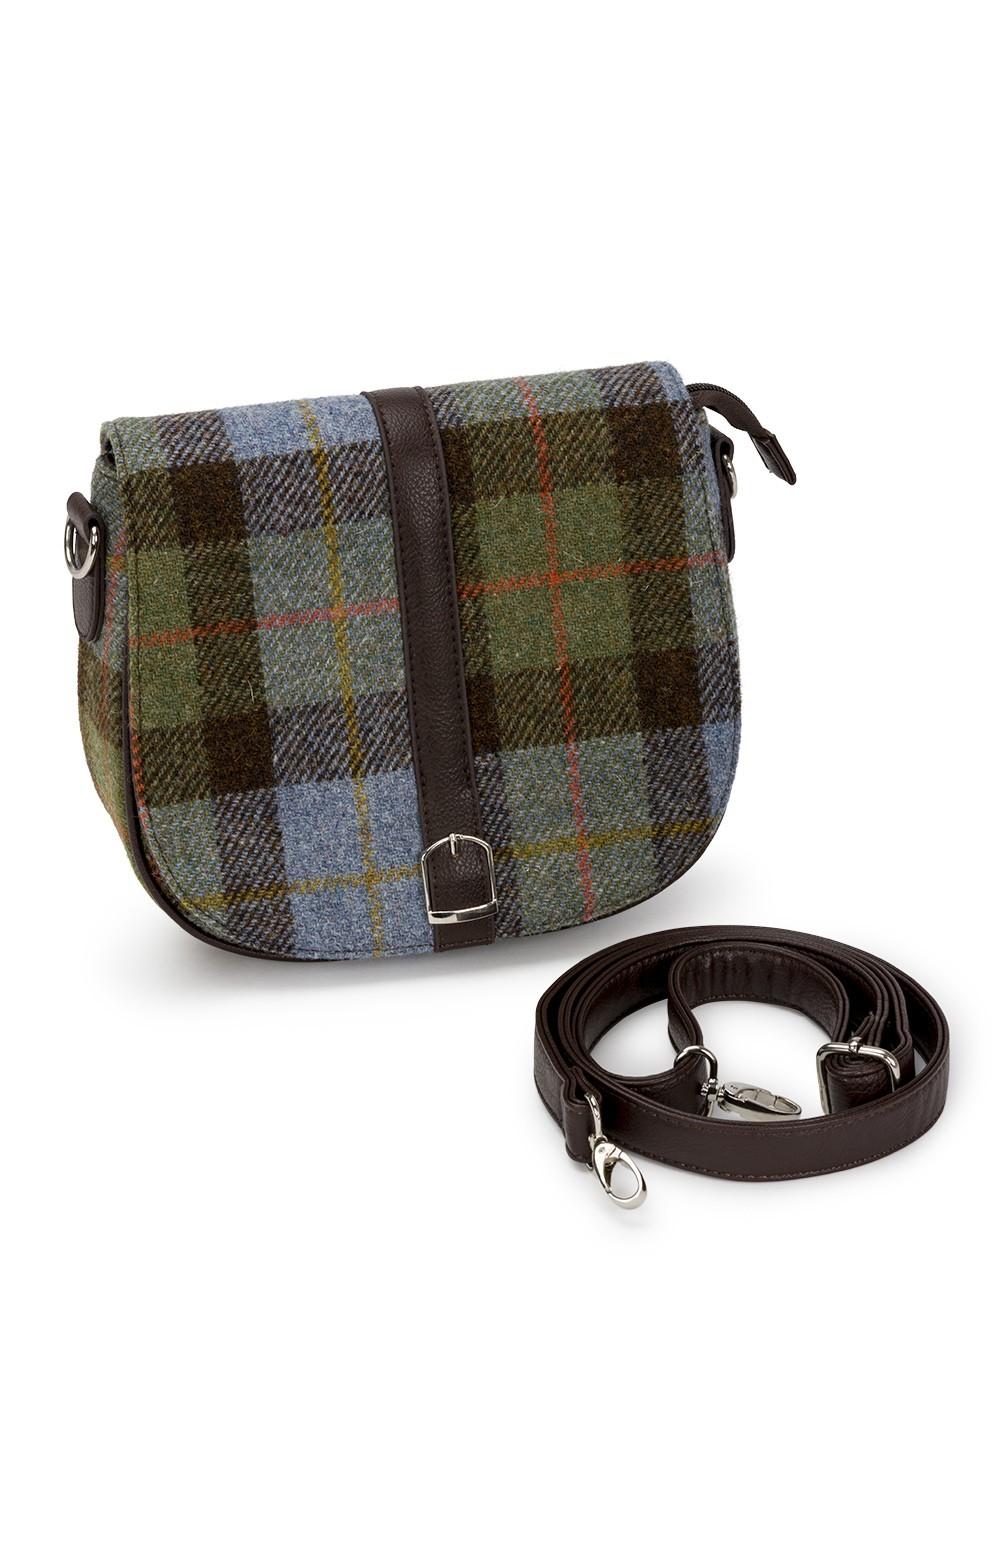 Beauly Harris Tweed Shoulder Bag